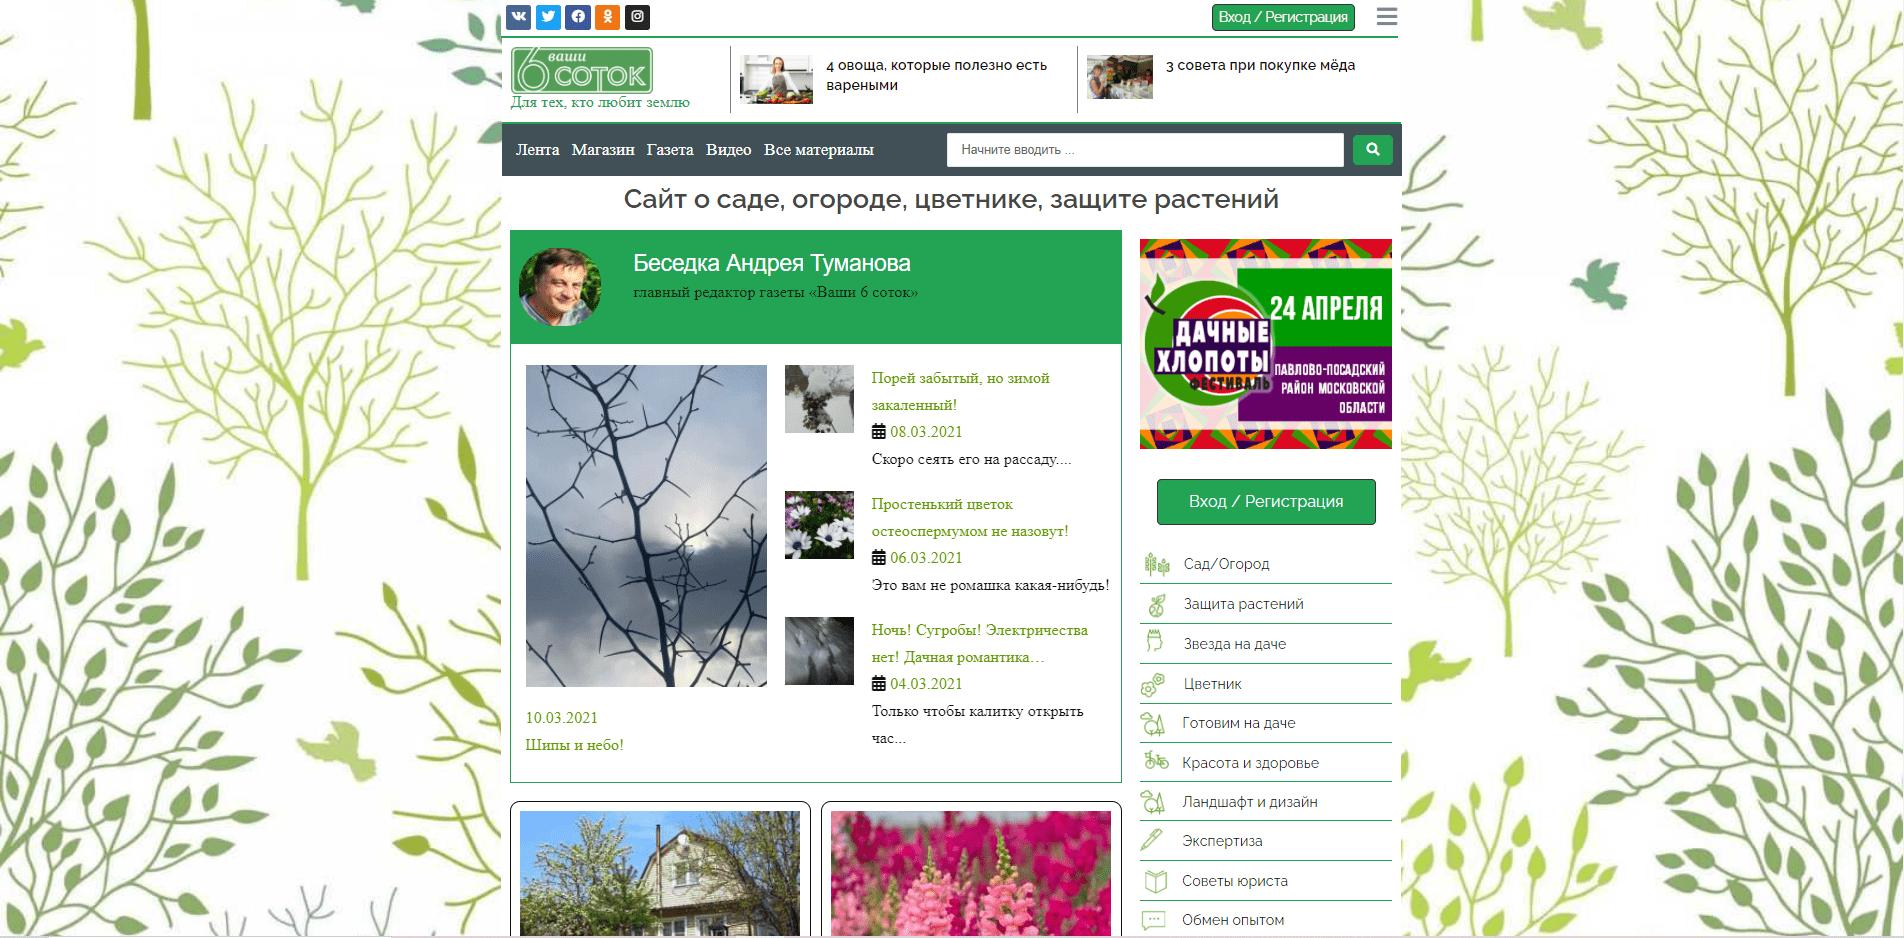 Сайт о саде, огороде, цветнике (1)